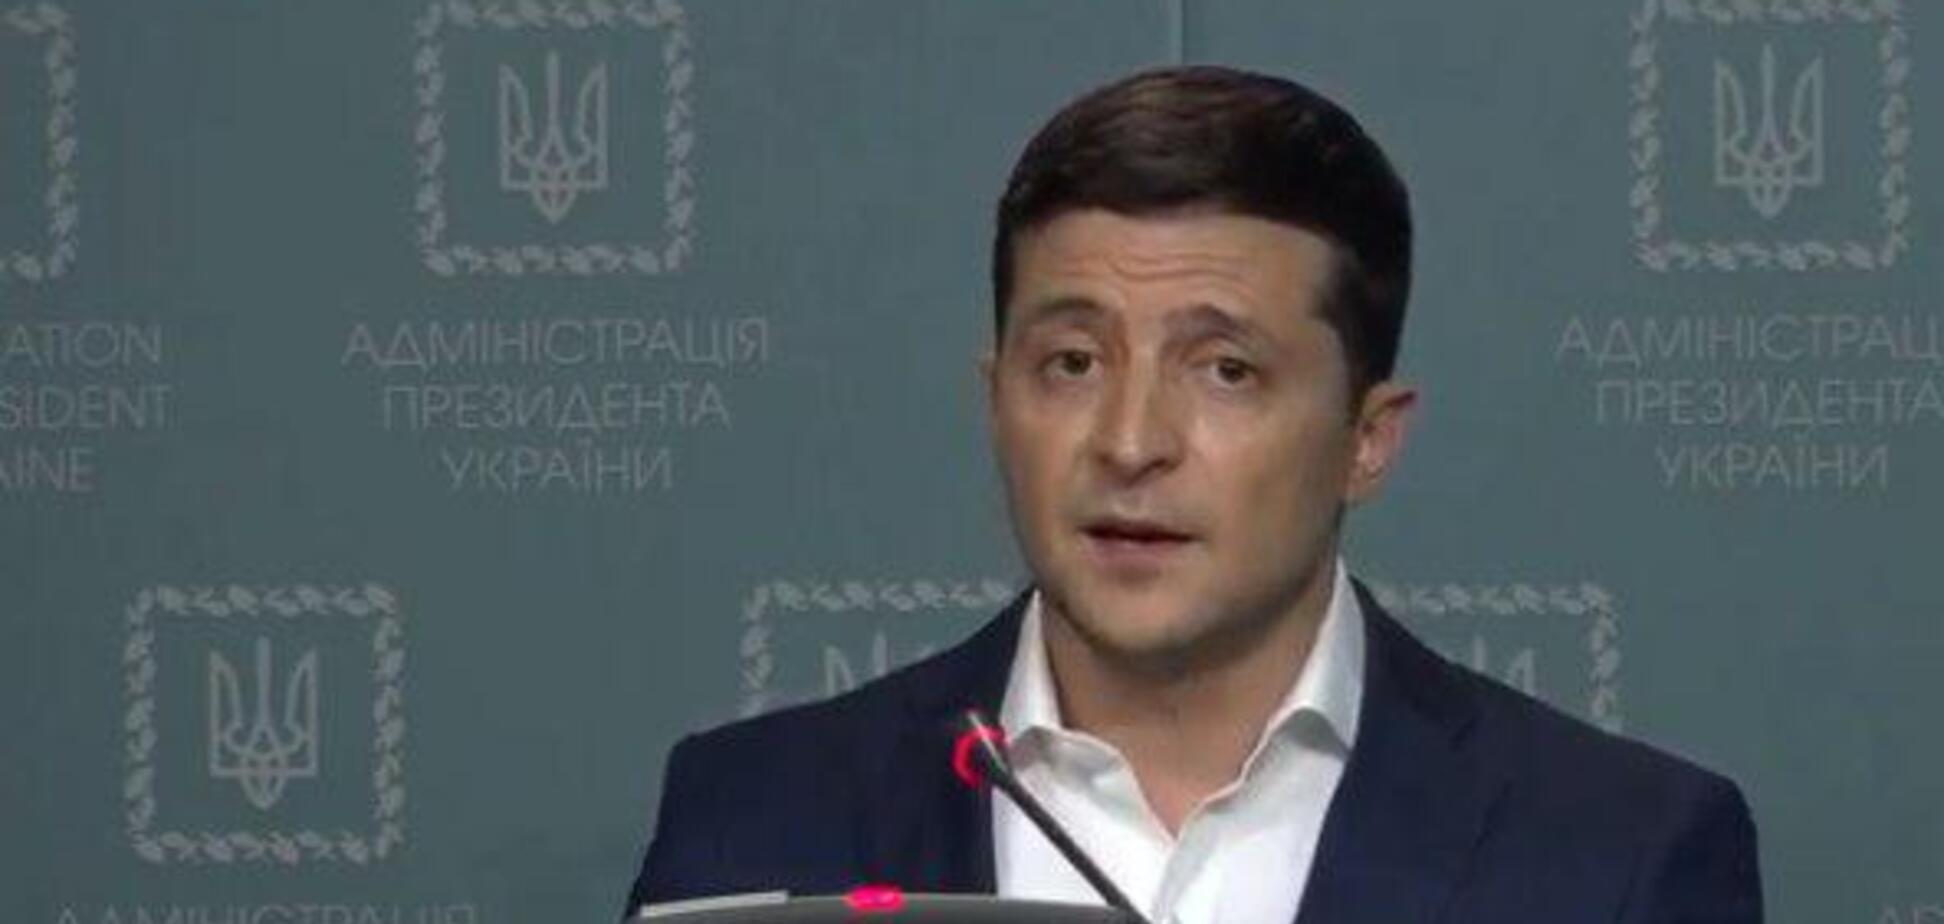 'Узнал из интернета!' Зеленский жестко 'наехал' на украинский МИД и получил ответ